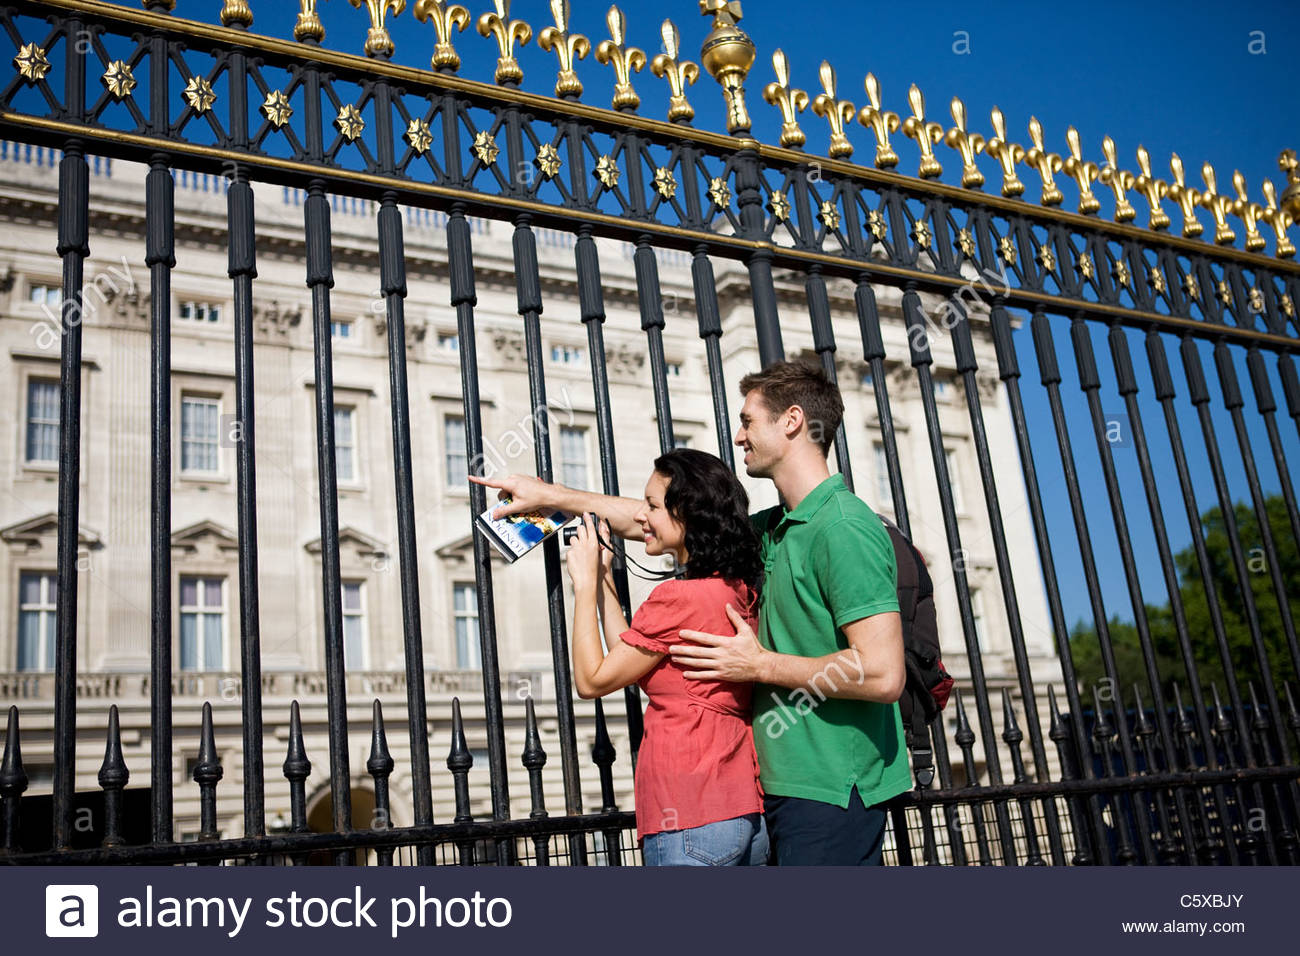 Una joven pareja de tomar una fotografía del Palacio de Buckingham Imagen De Stock